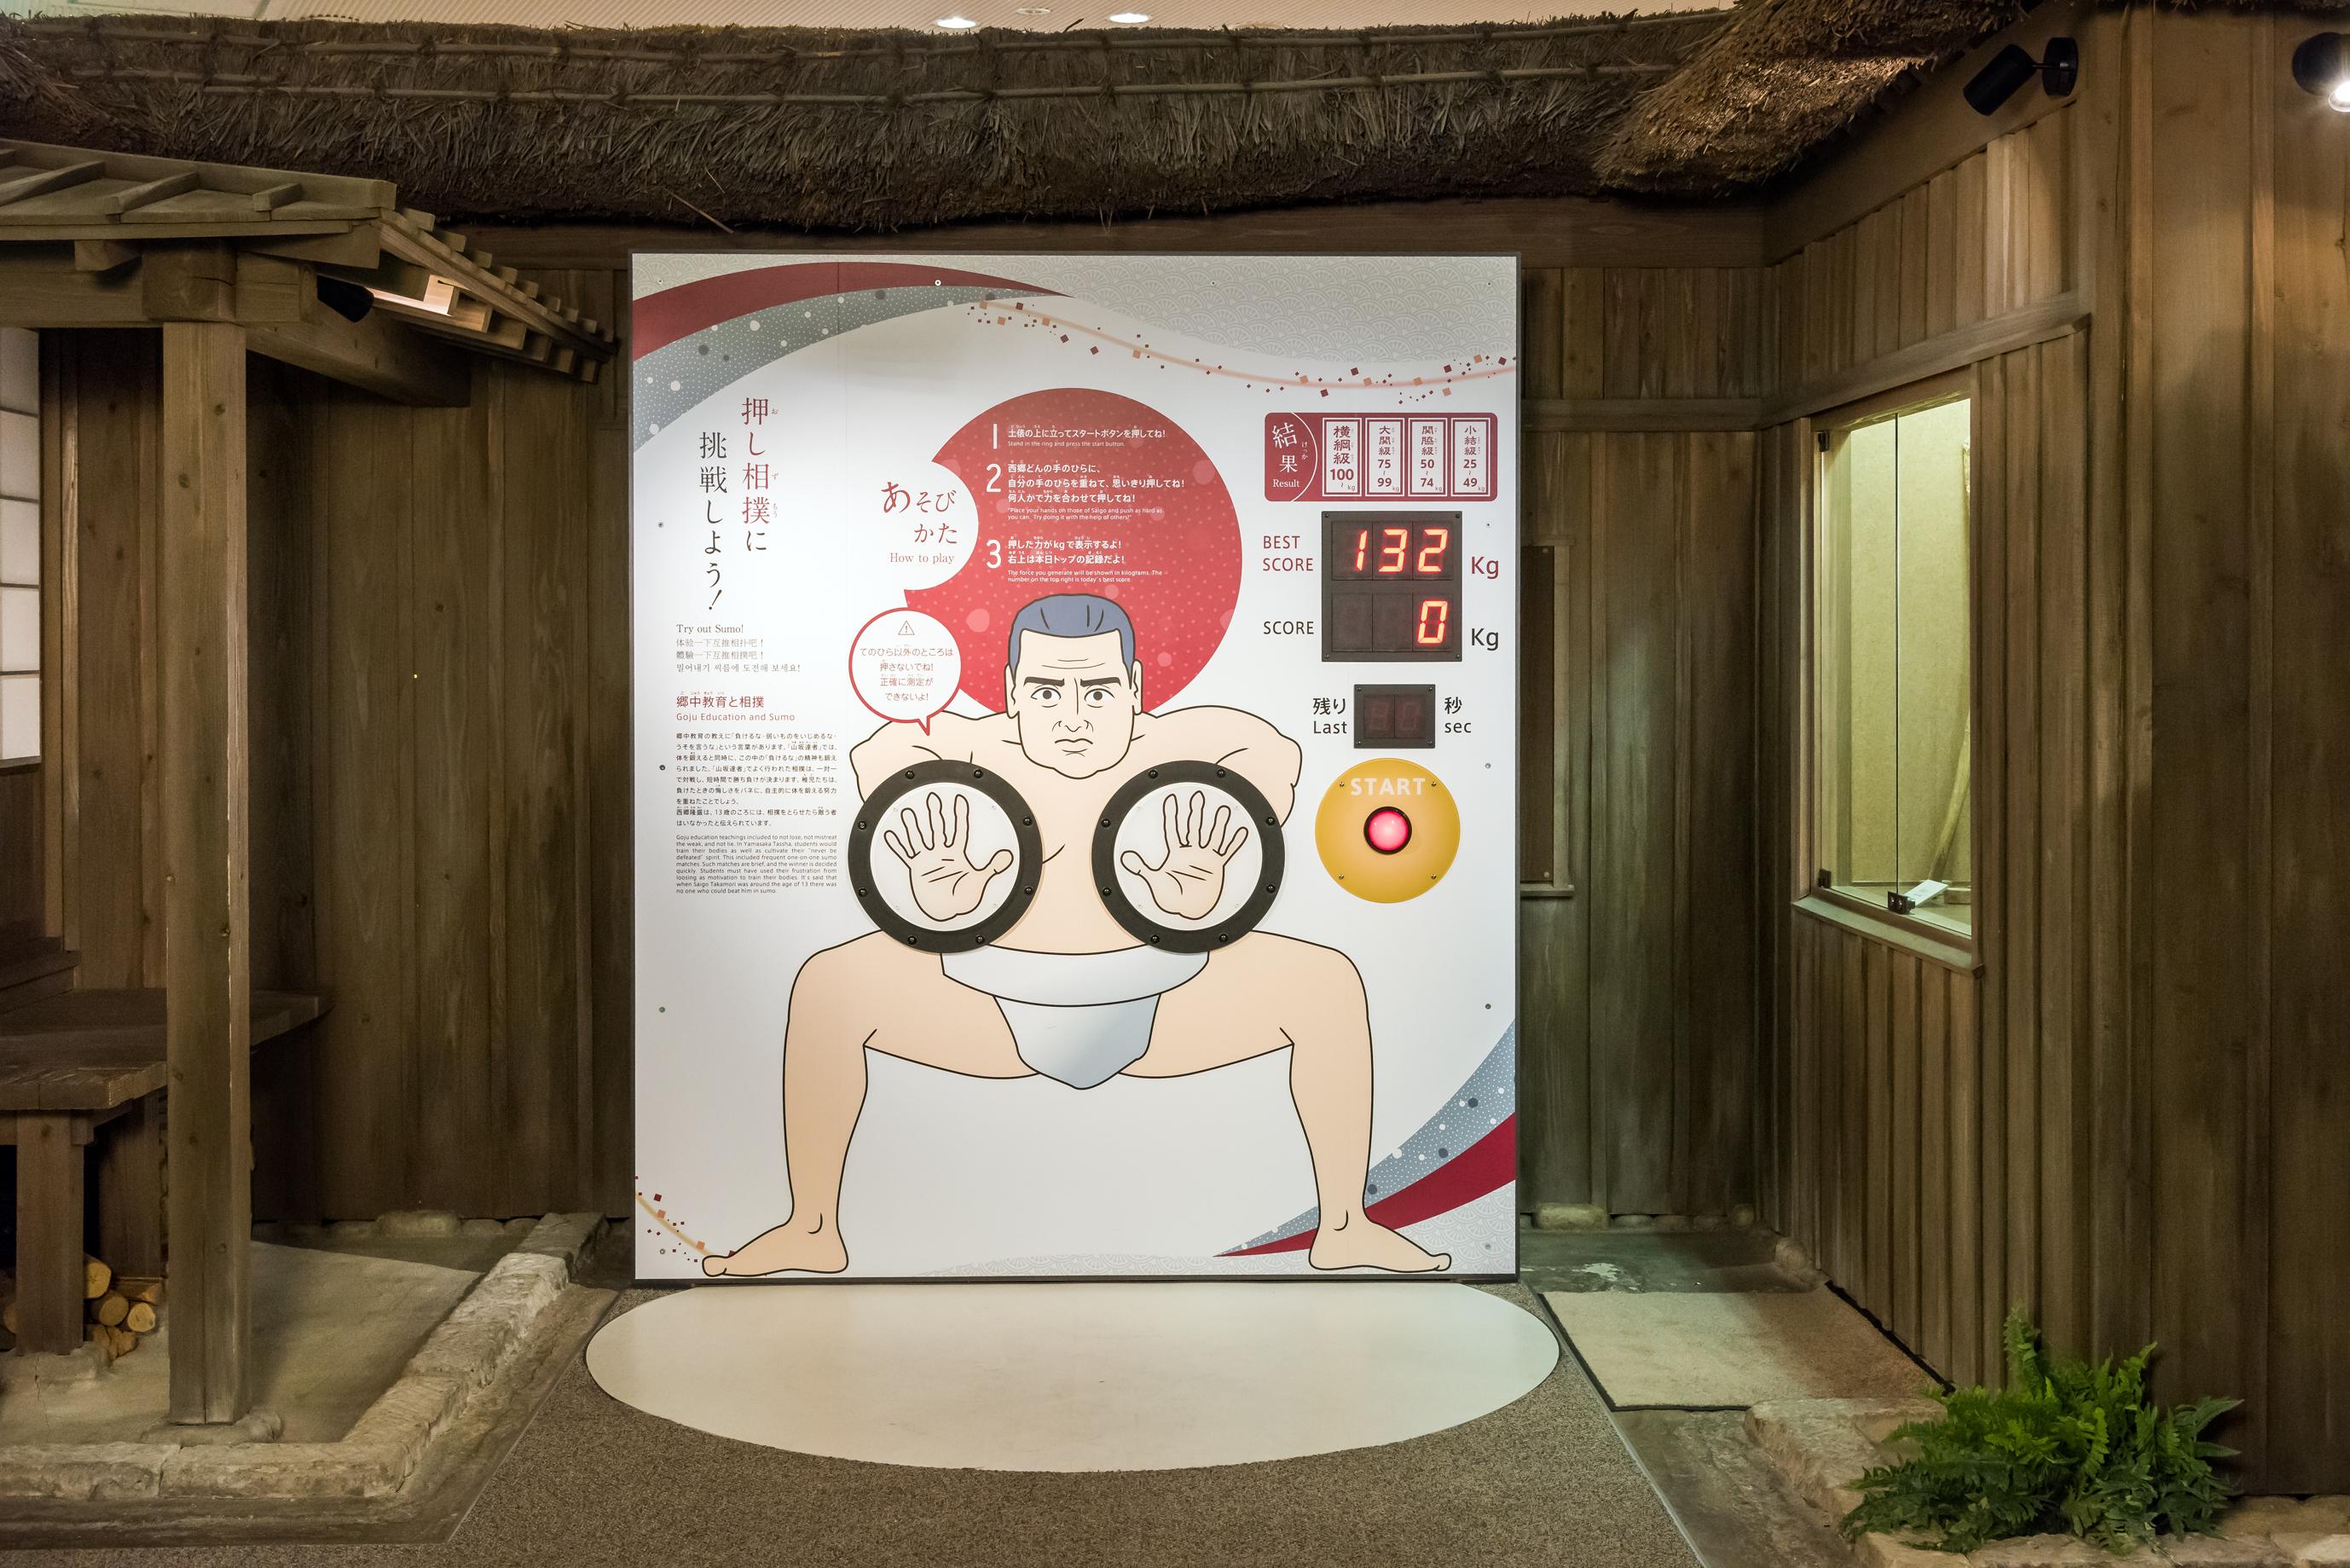 西郷隆盛と押し相撲ができるコーナー/鹿児島市維新ふるさと館(鹿児島県)